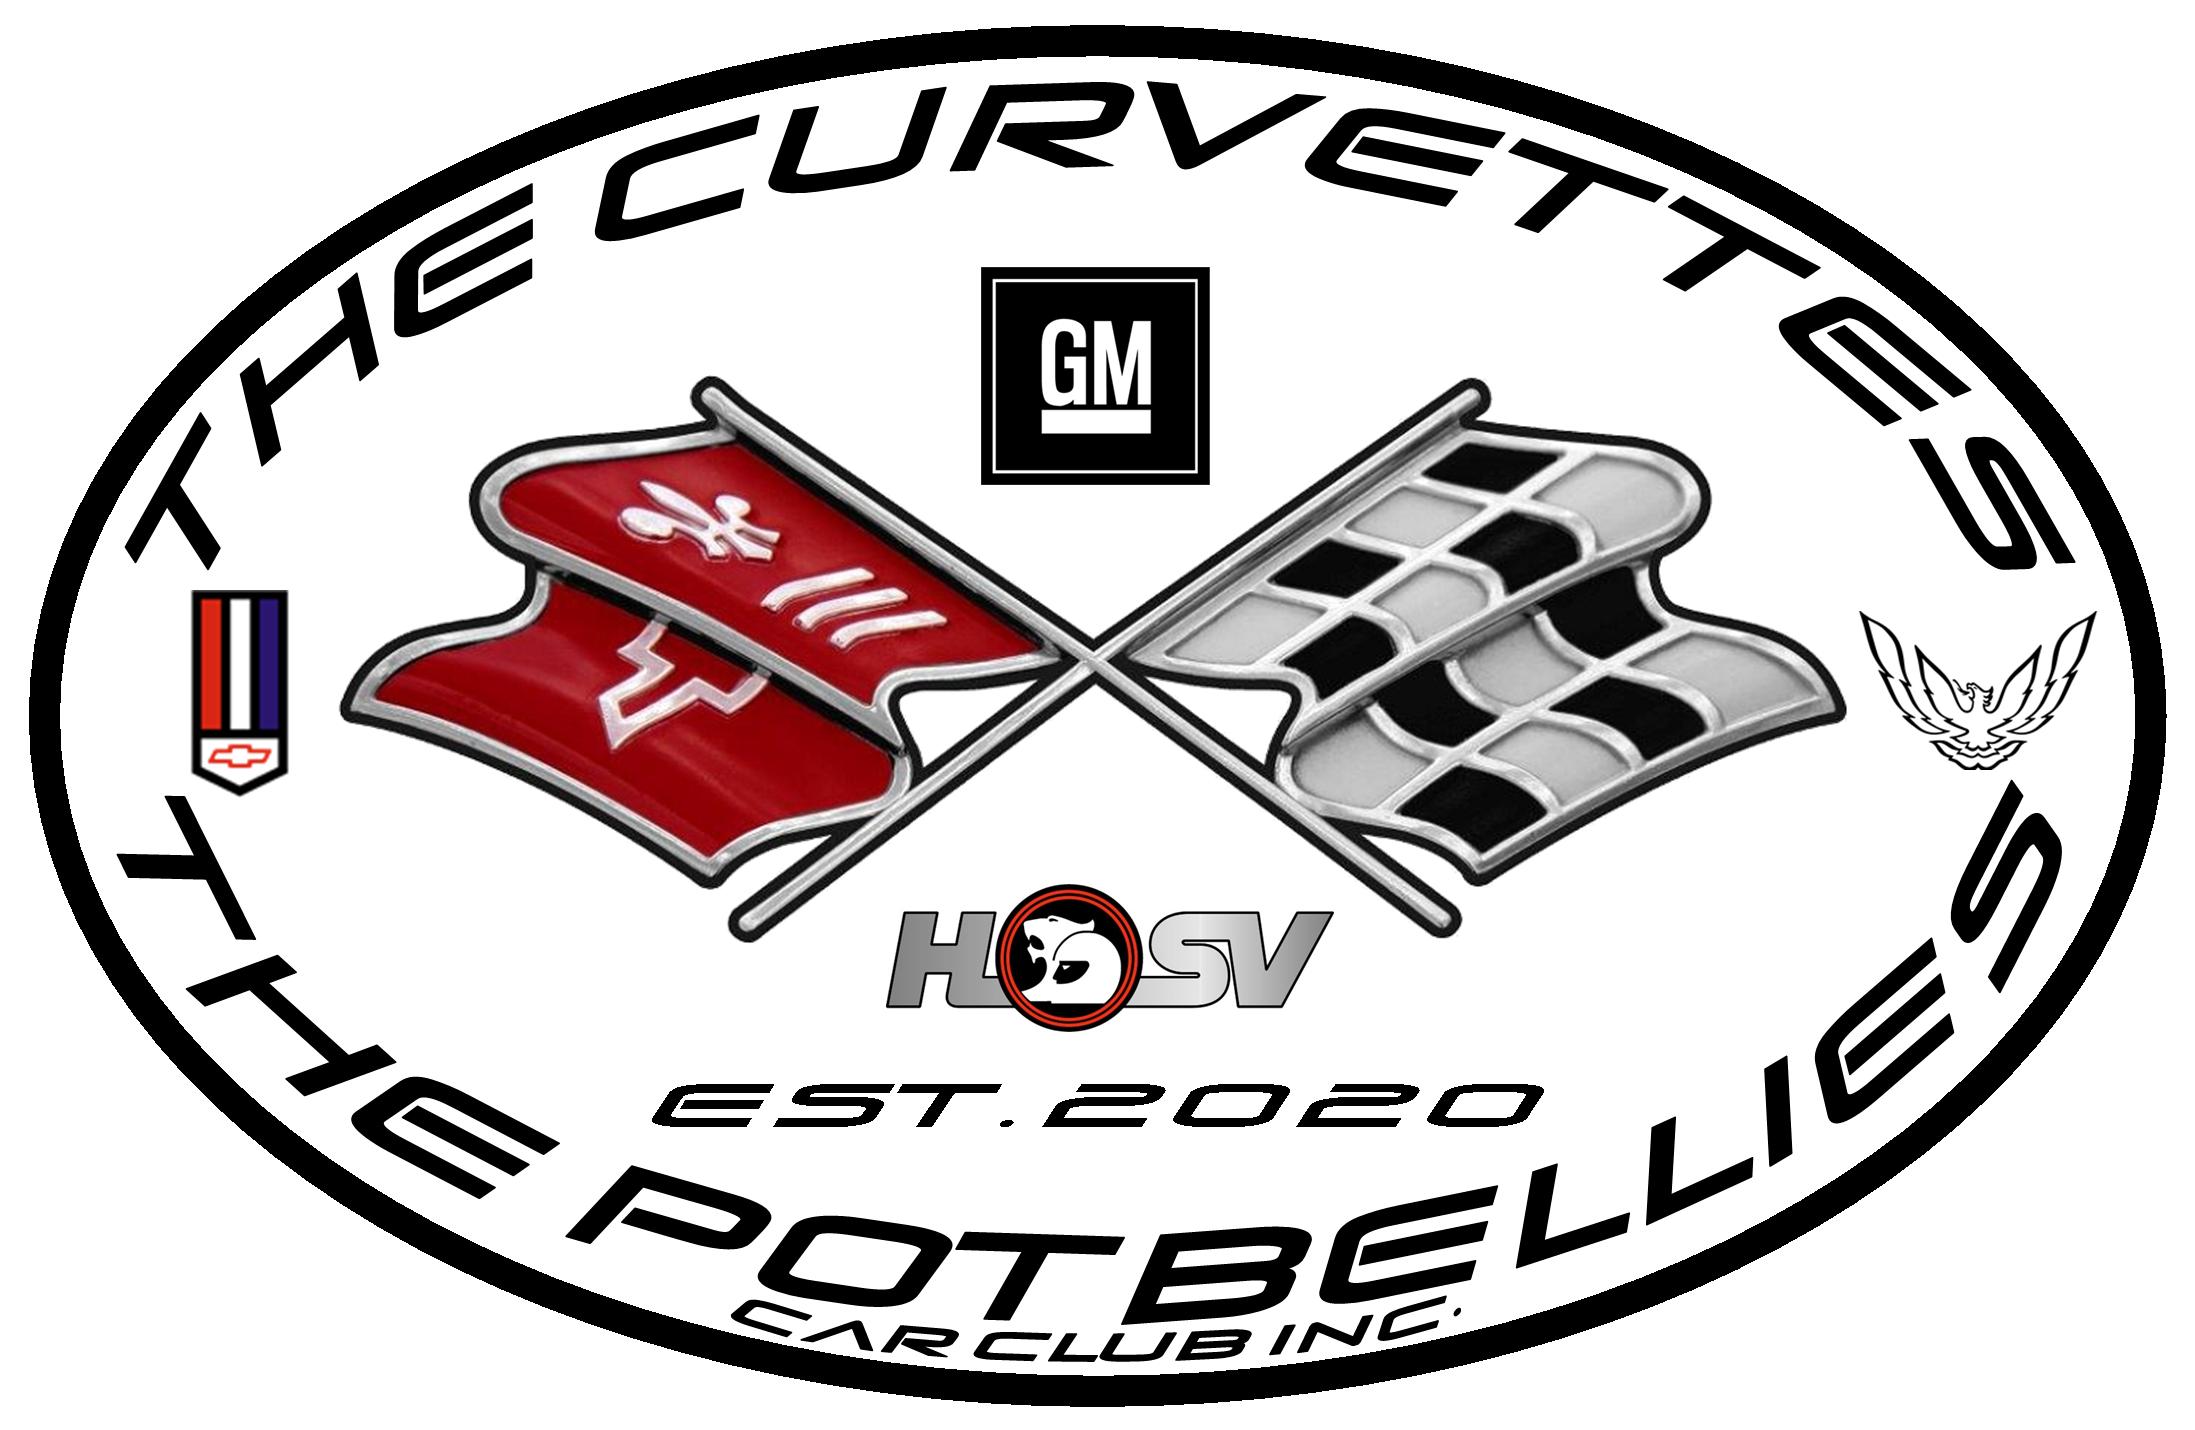 The Curvettes & The PotBellies Car Club Inc